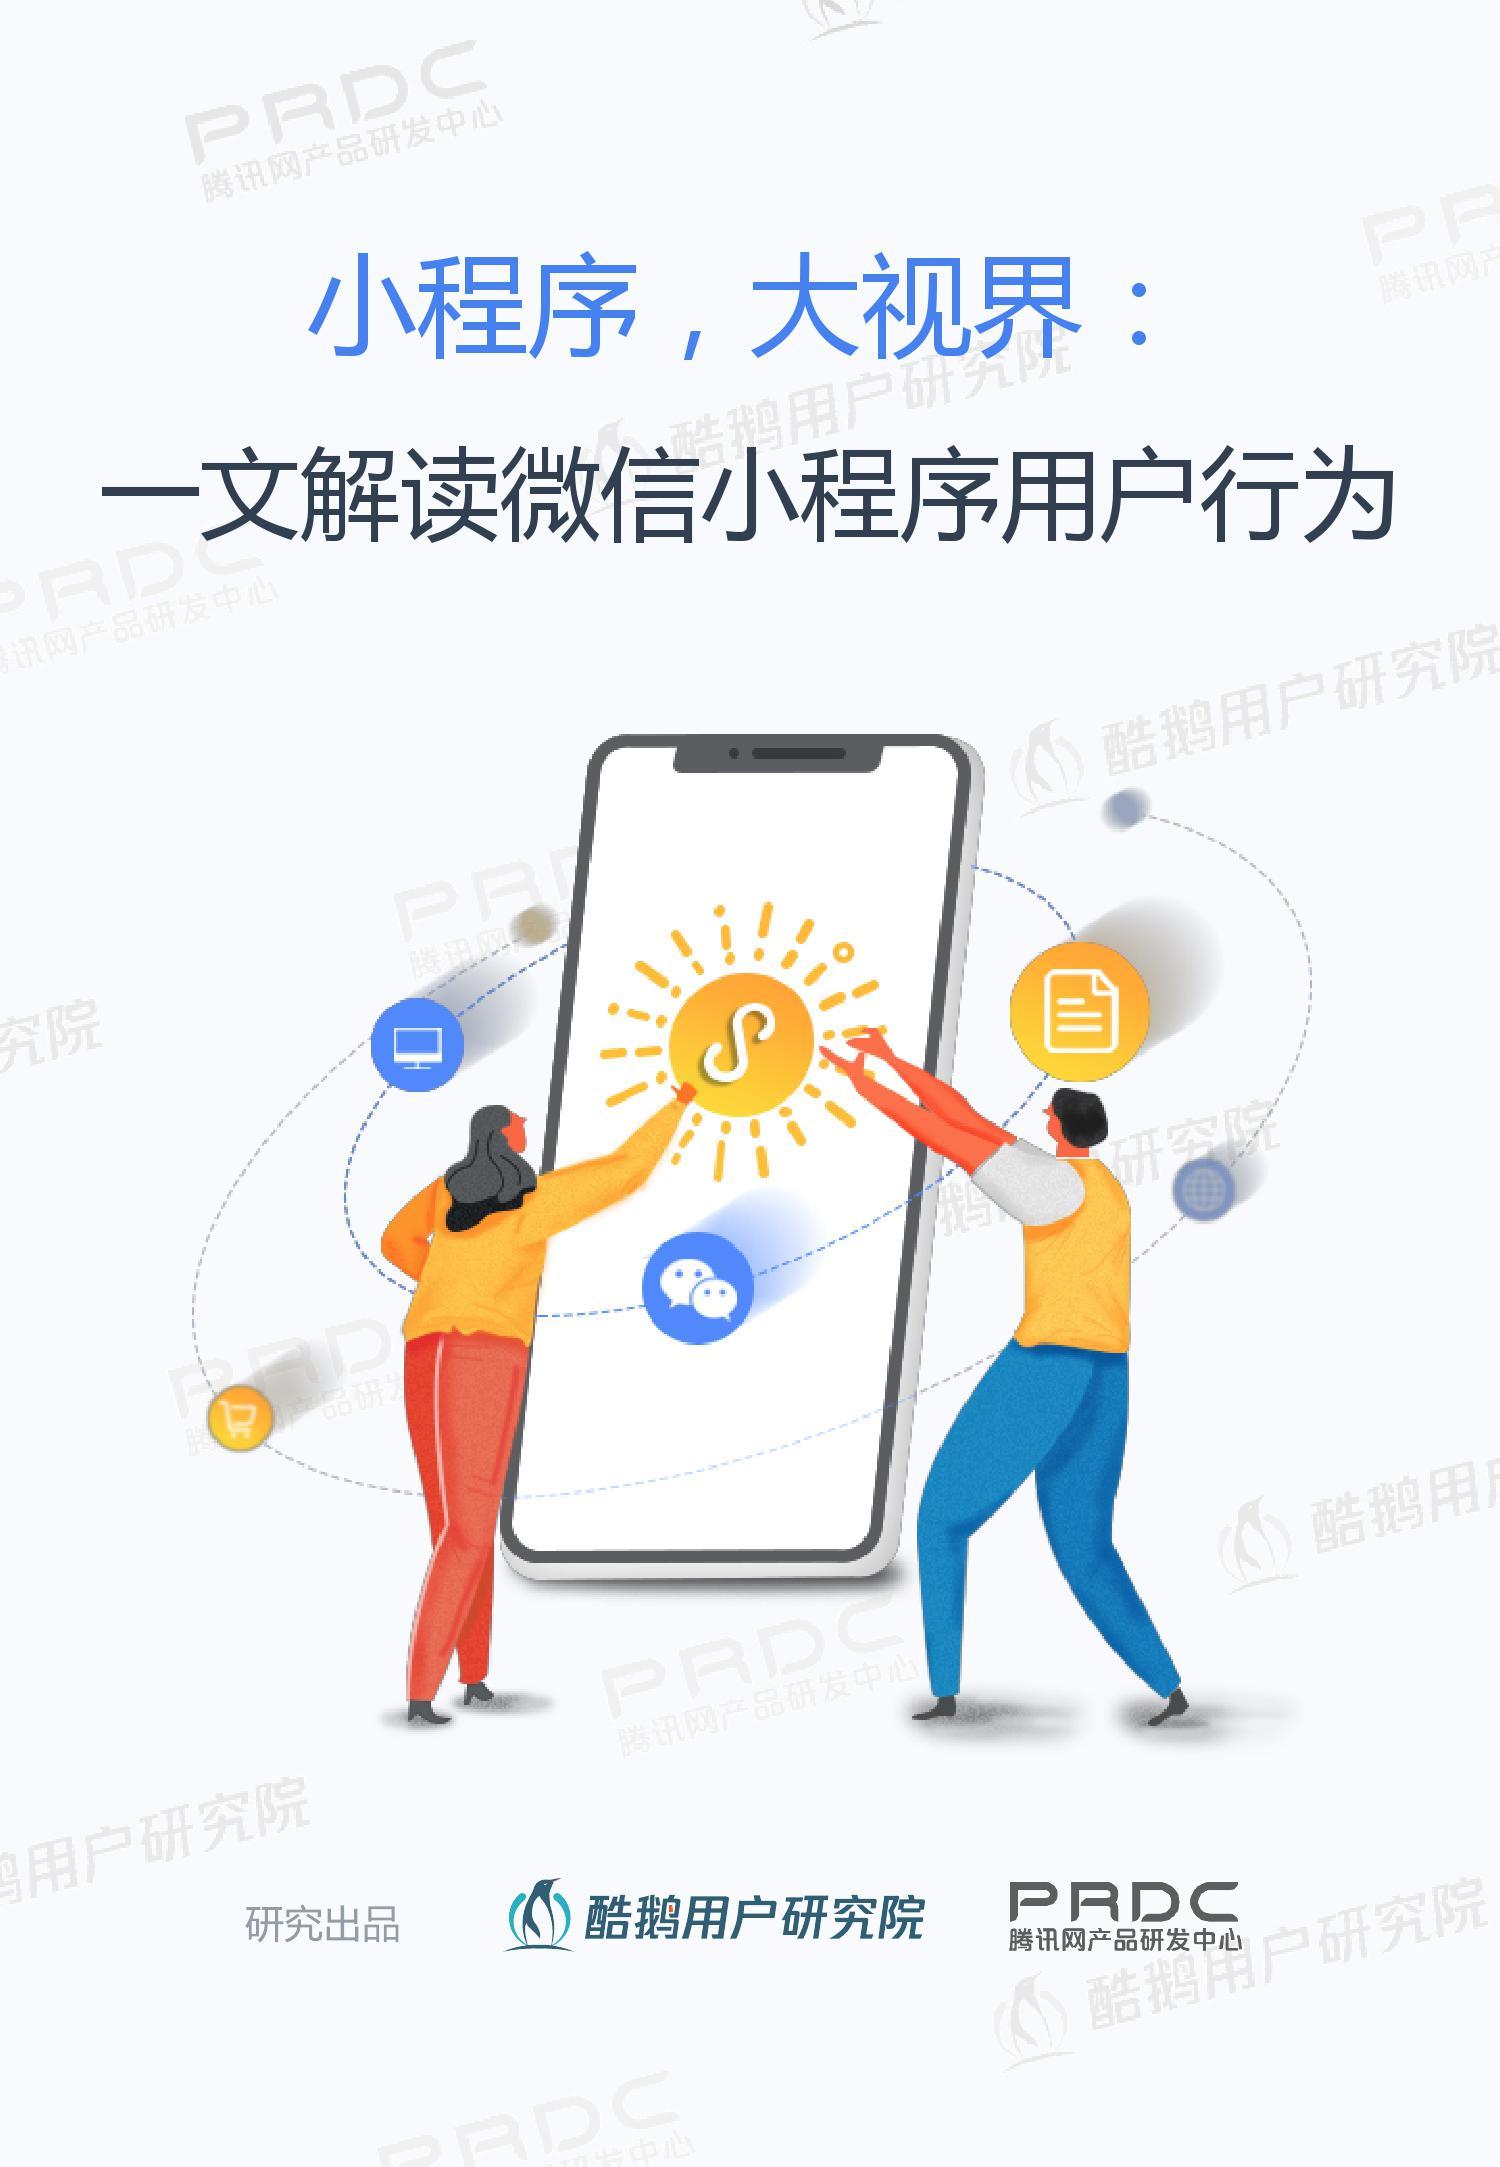 2019年微信小程序用户行为研究报告